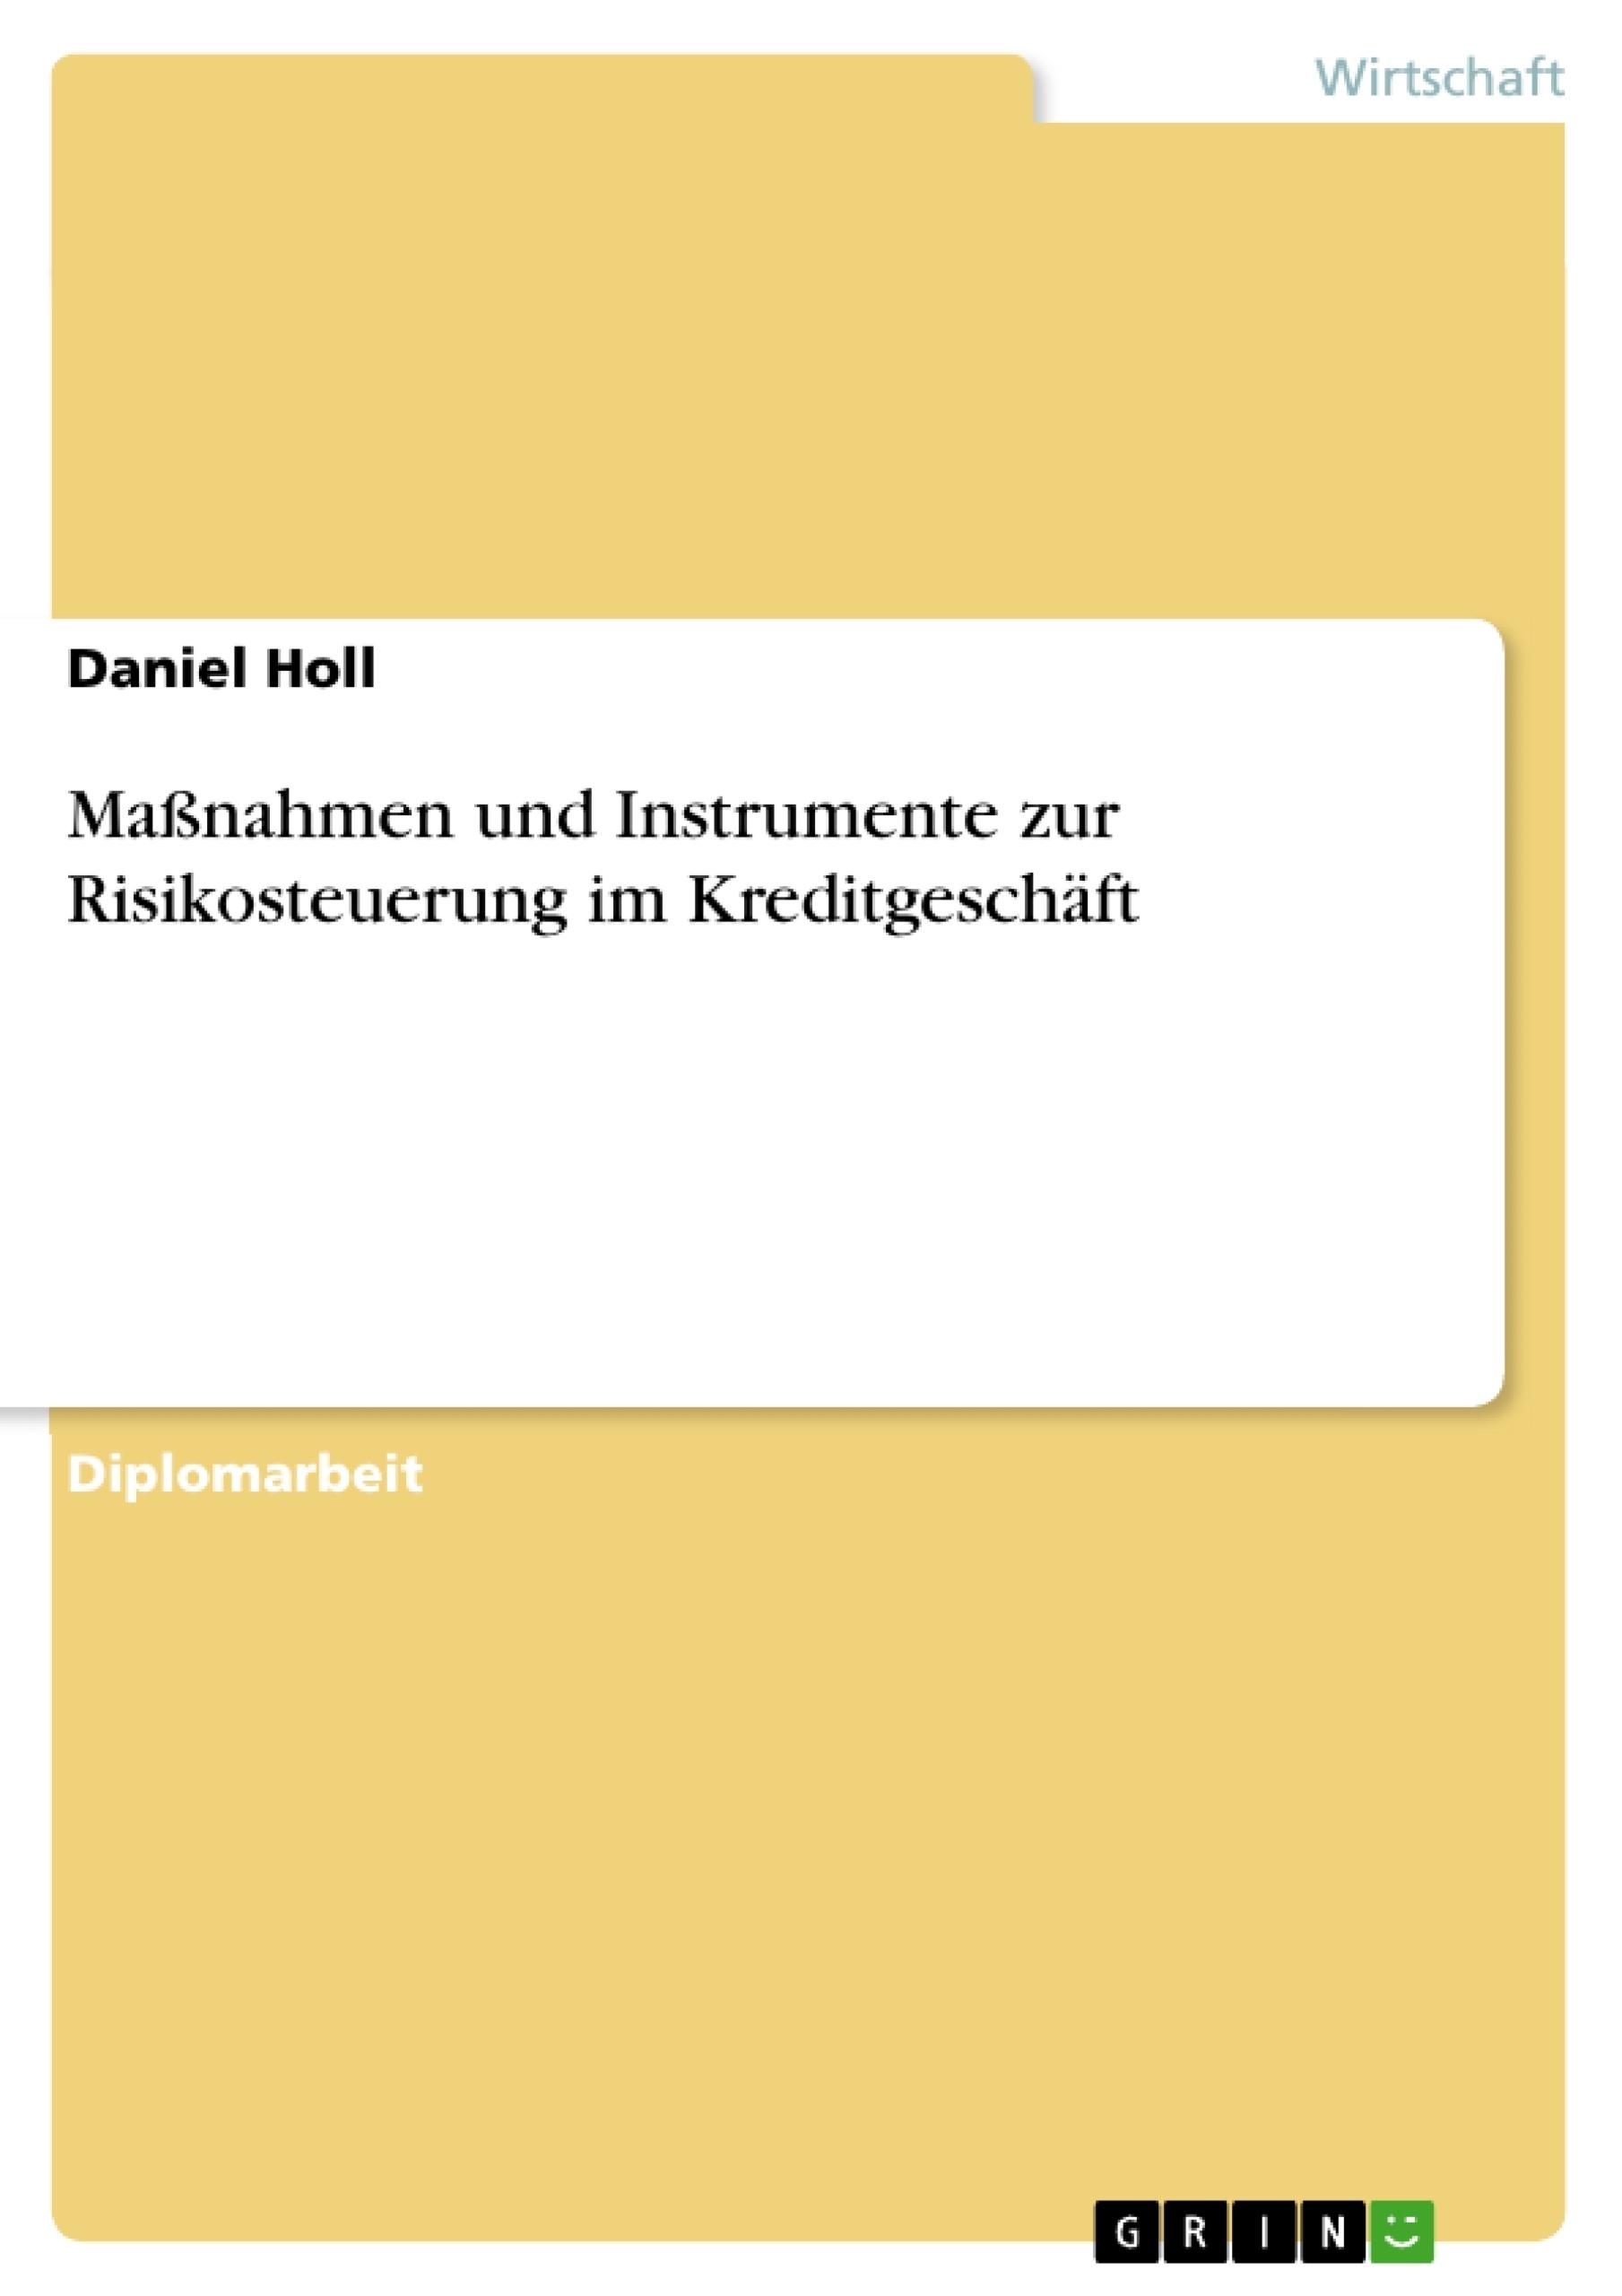 Titel: Maßnahmen und Instrumente zur Risikosteuerung im Kreditgeschäft